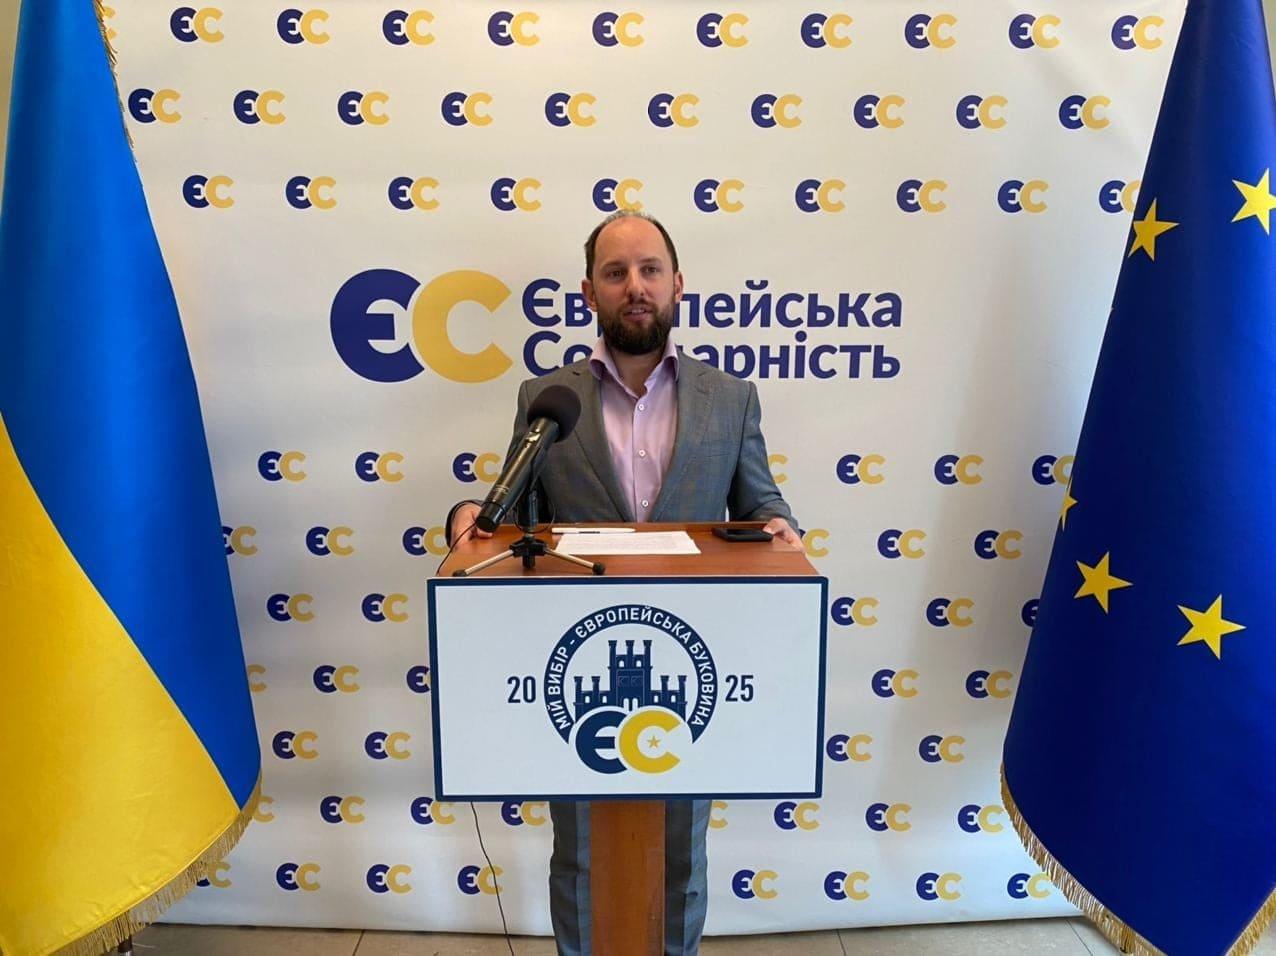 До Чернівецької обласної ради ЄС має другий результат